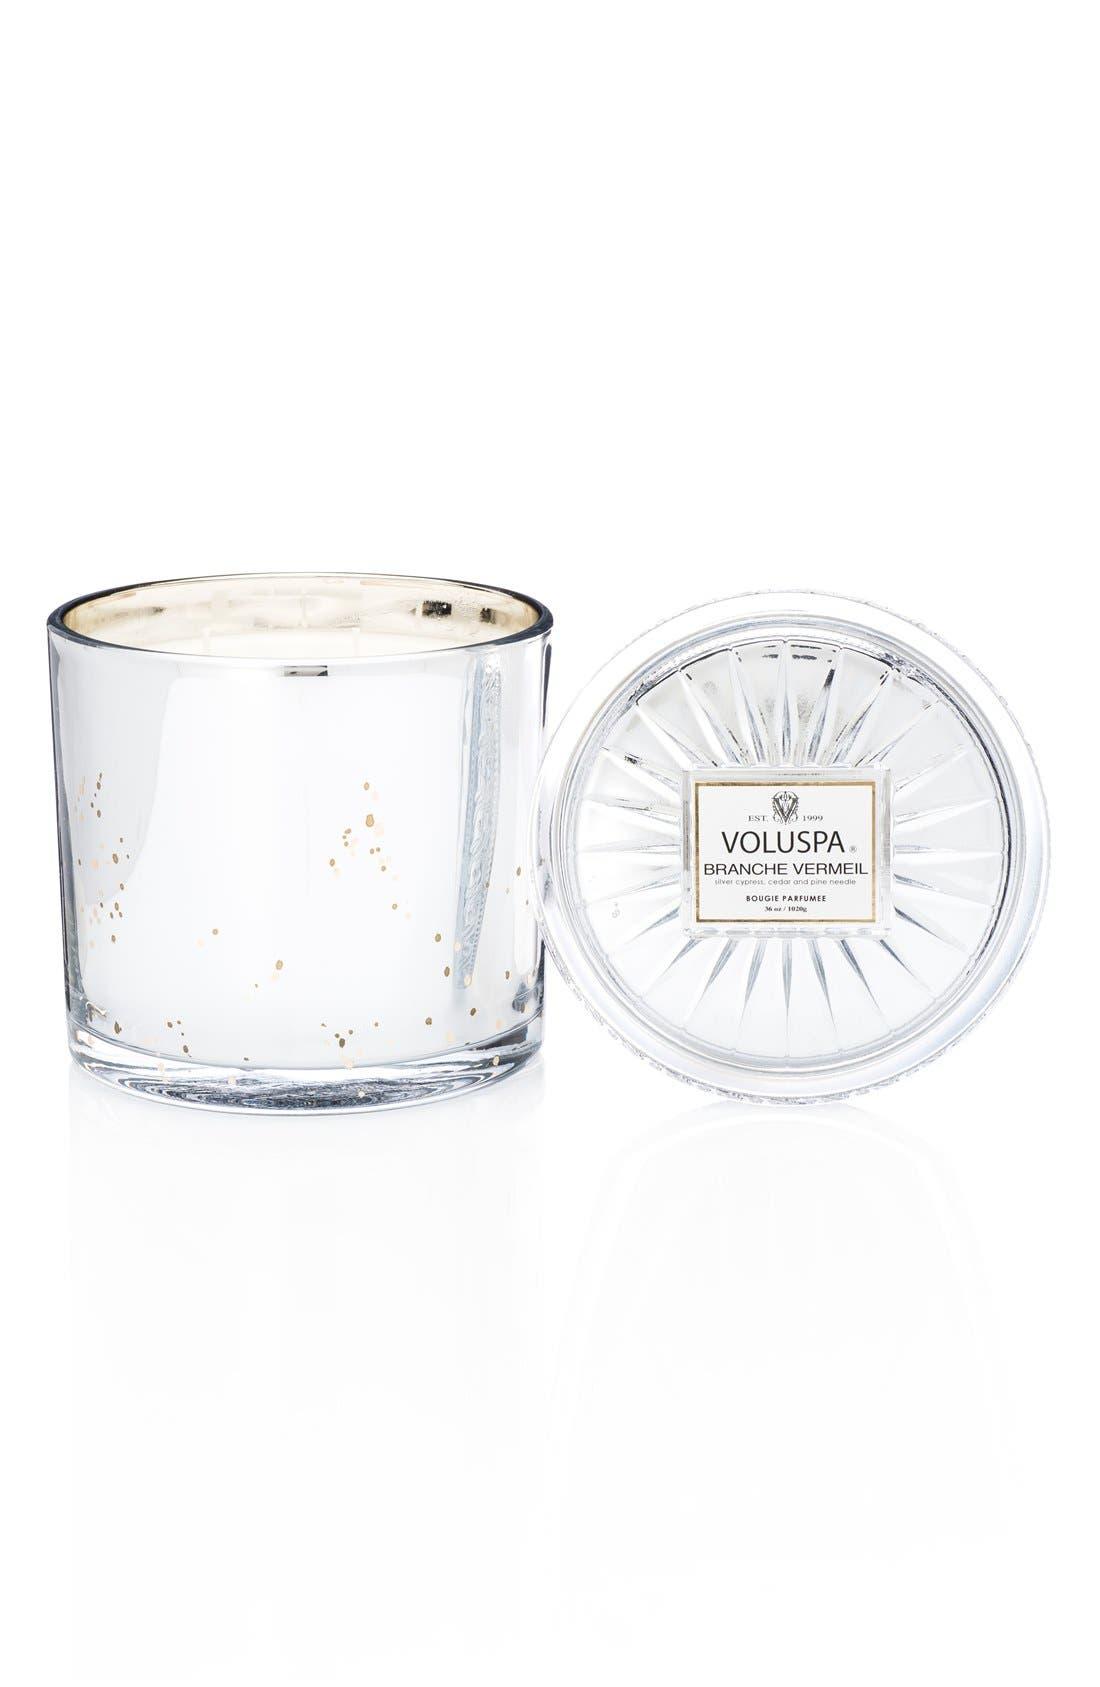 Main Image - Voluspa Vermeil - Branche Vermeil Grande Maison Candle